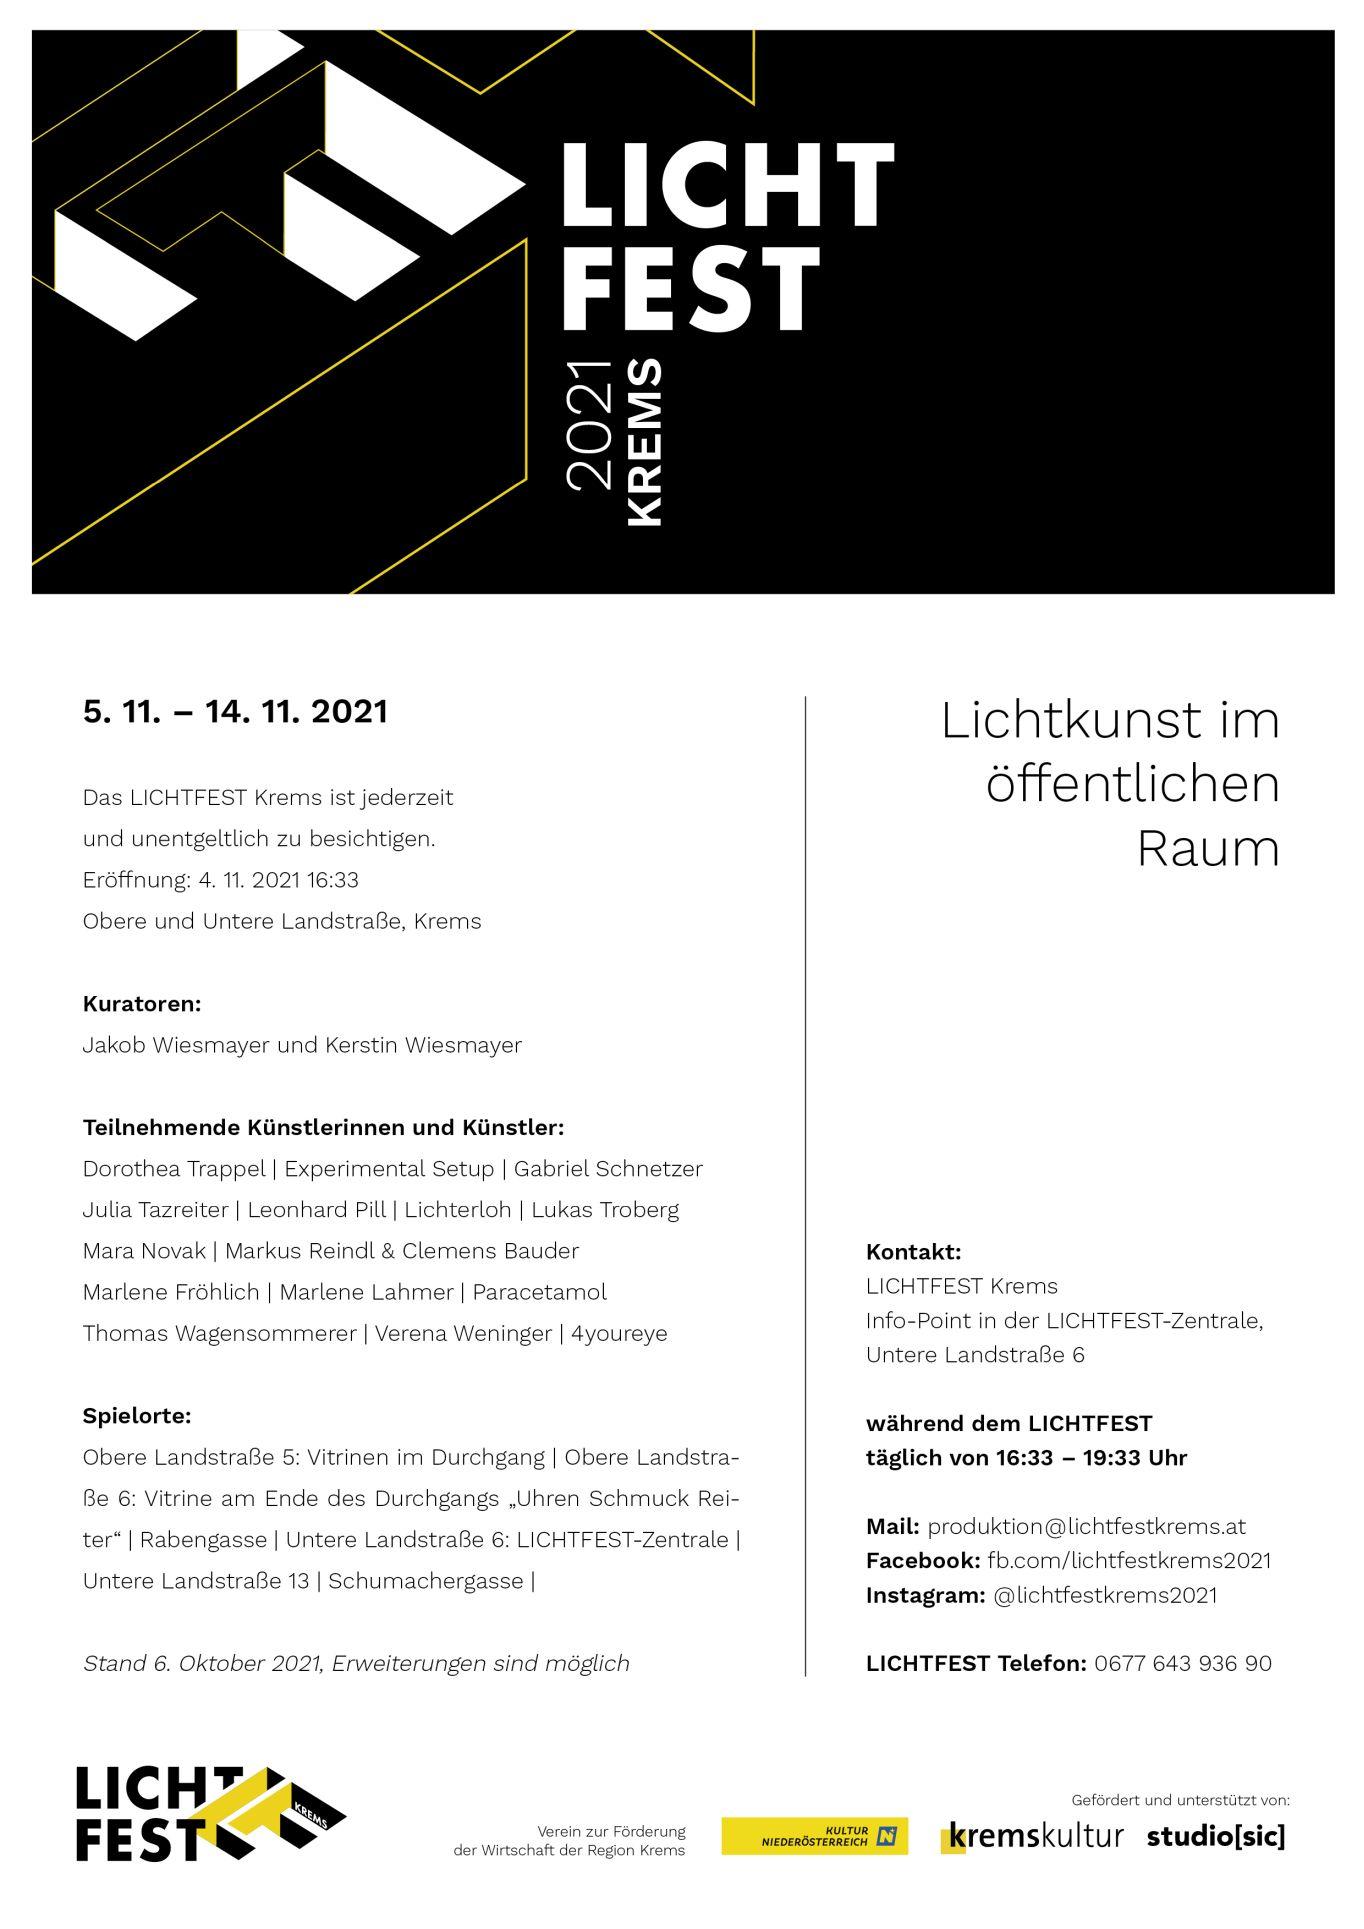 LICHTFEST Krems 2021 - Lichtkunst im öffentlichen Raum - Visit           fb.com/lichtfestkrems2021